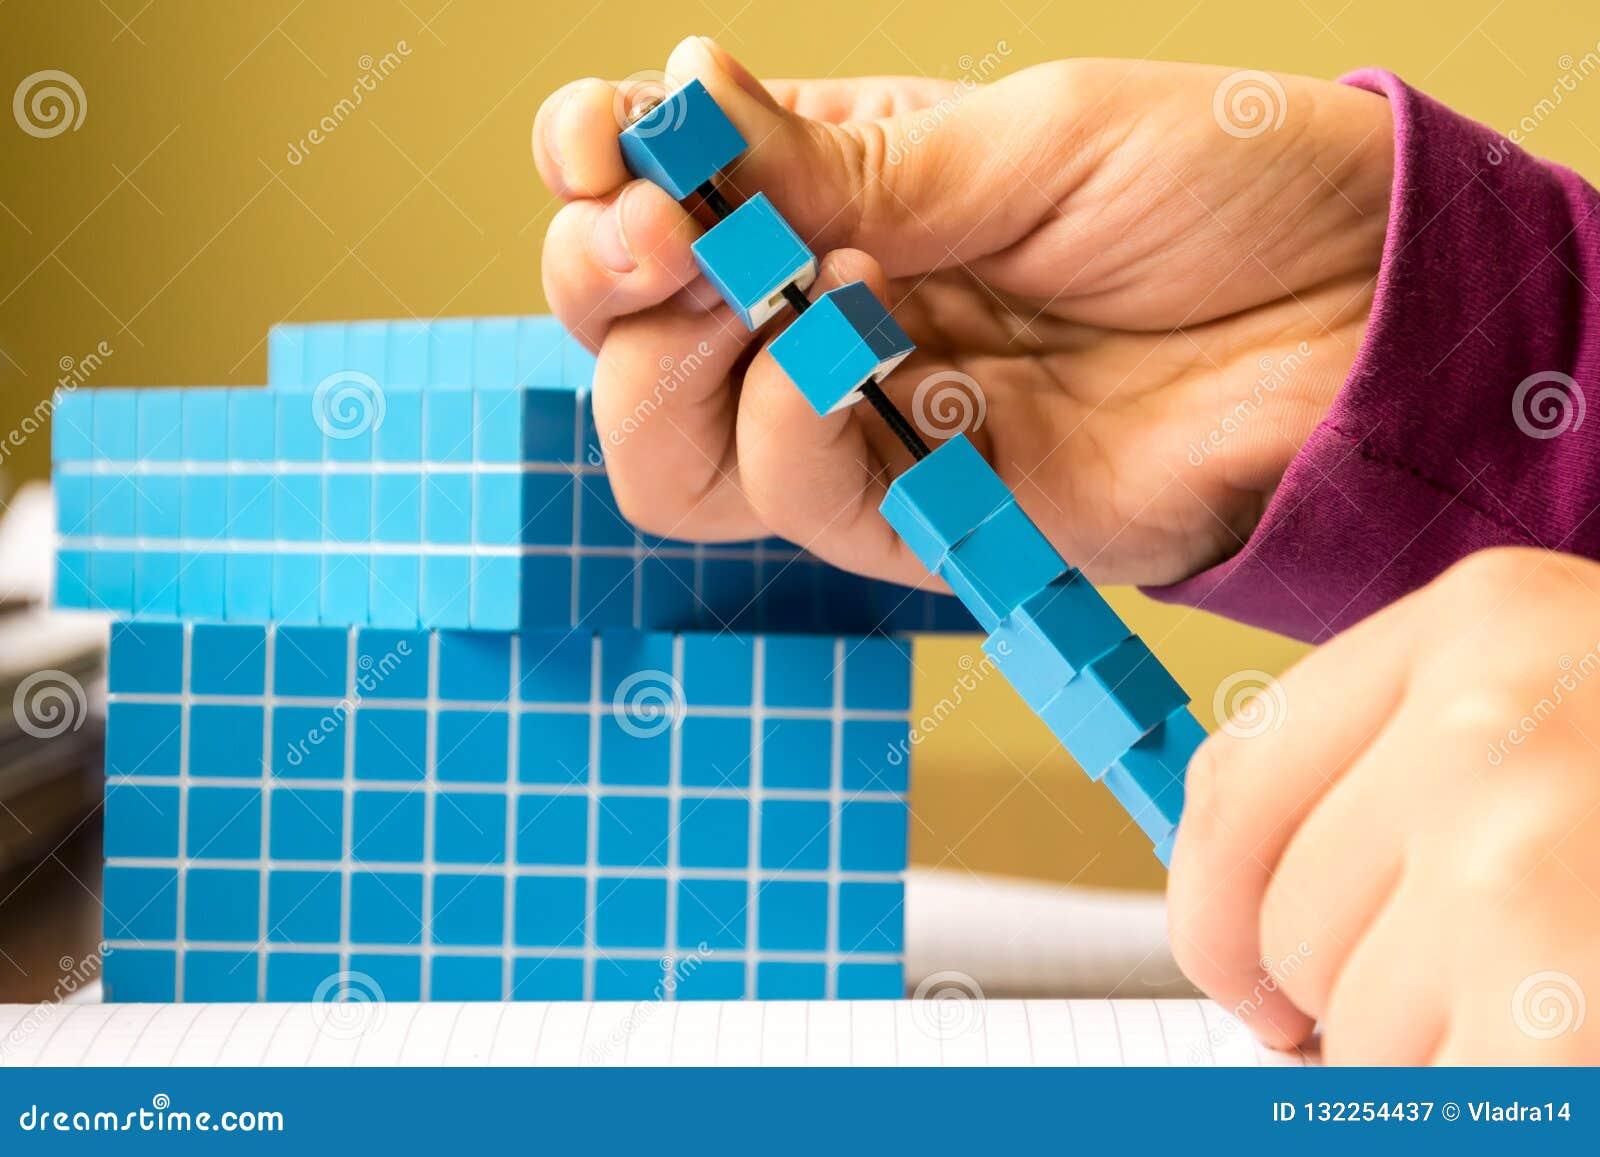 El niño aprende matemáticas, el volumen y la capacidad Para aprender el modelo utiliza un cubo tridimensional